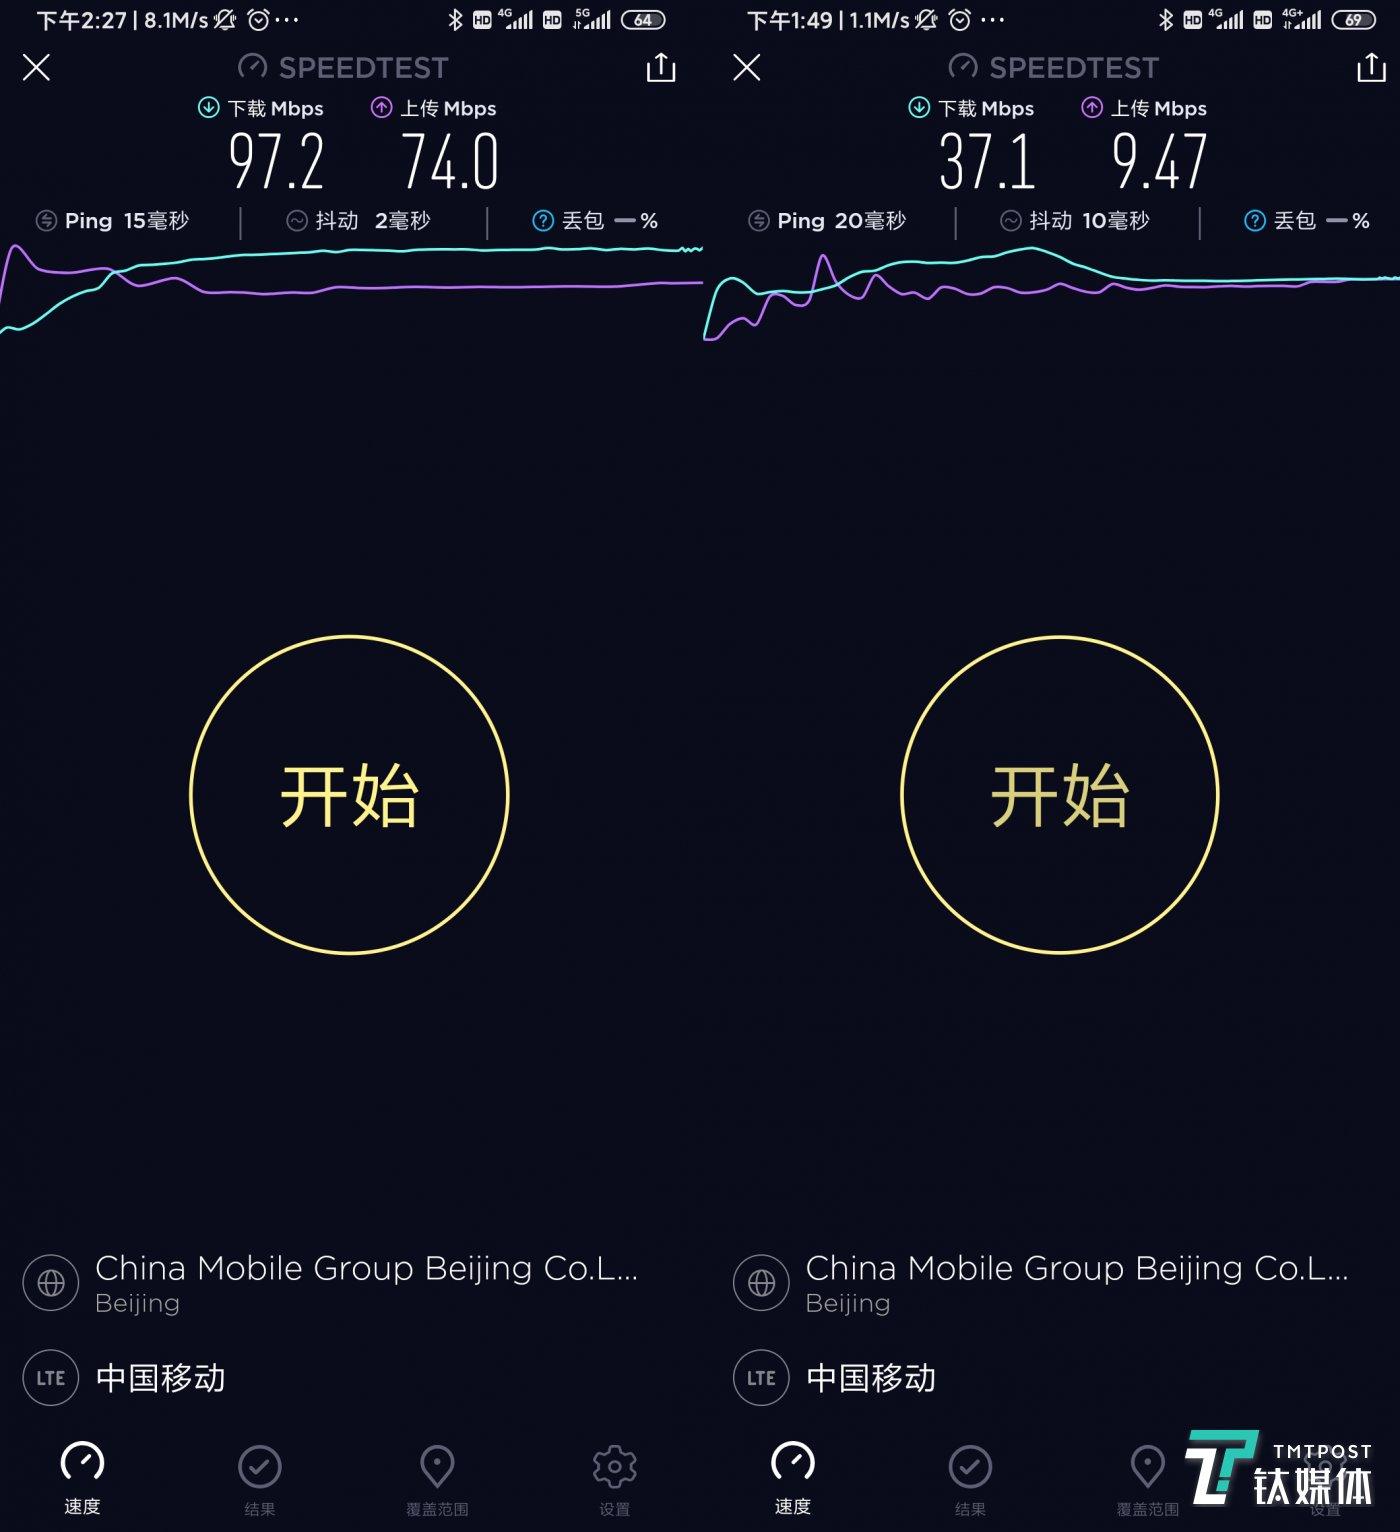 密集办公地区网速对比